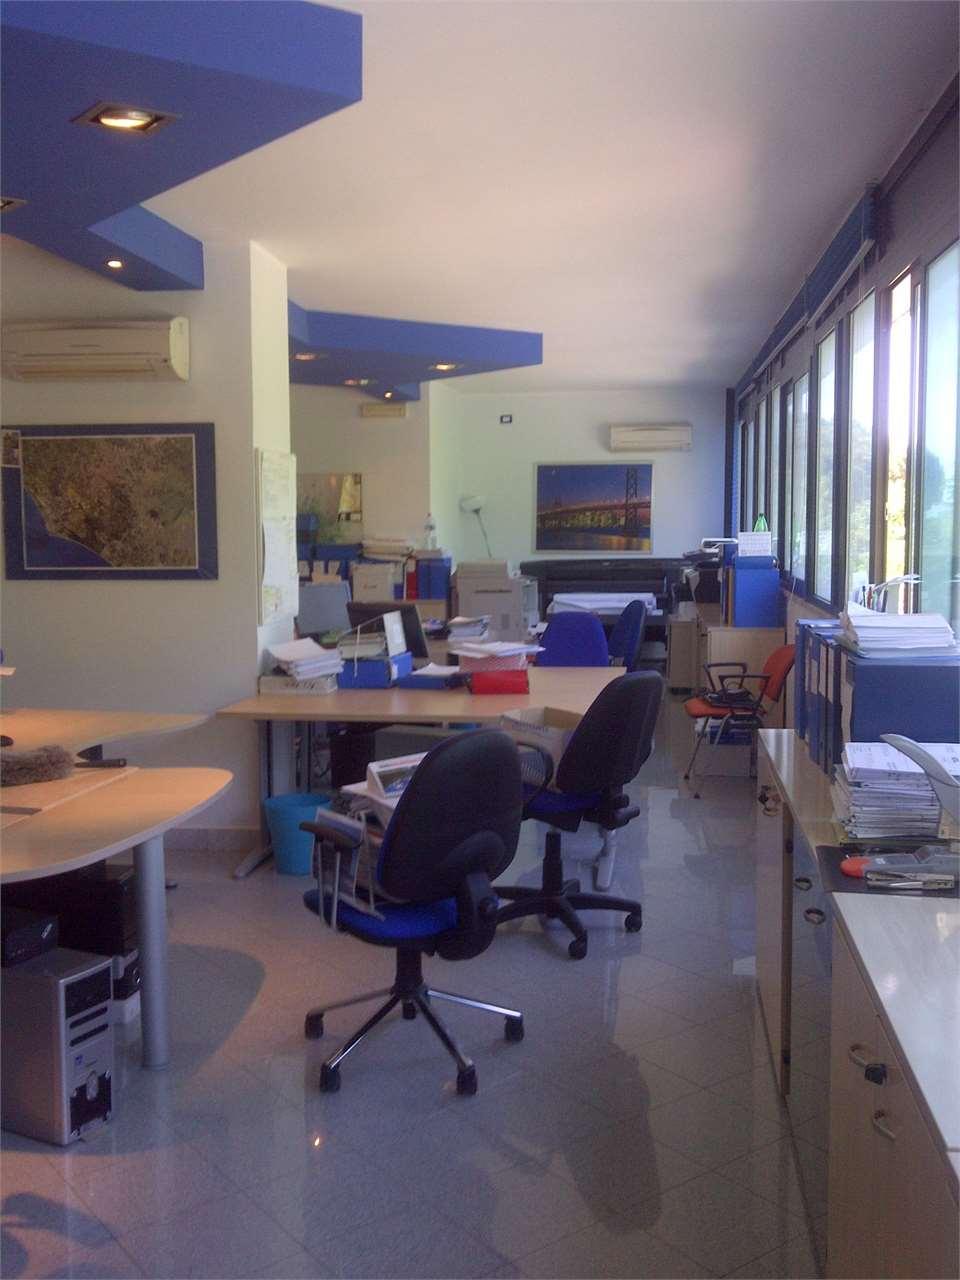 Ufficio / Studio in affitto a Genzano di Roma, 95 locali, zona Località: Tangenziale, prezzo € 3.000 | Cambio Casa.it